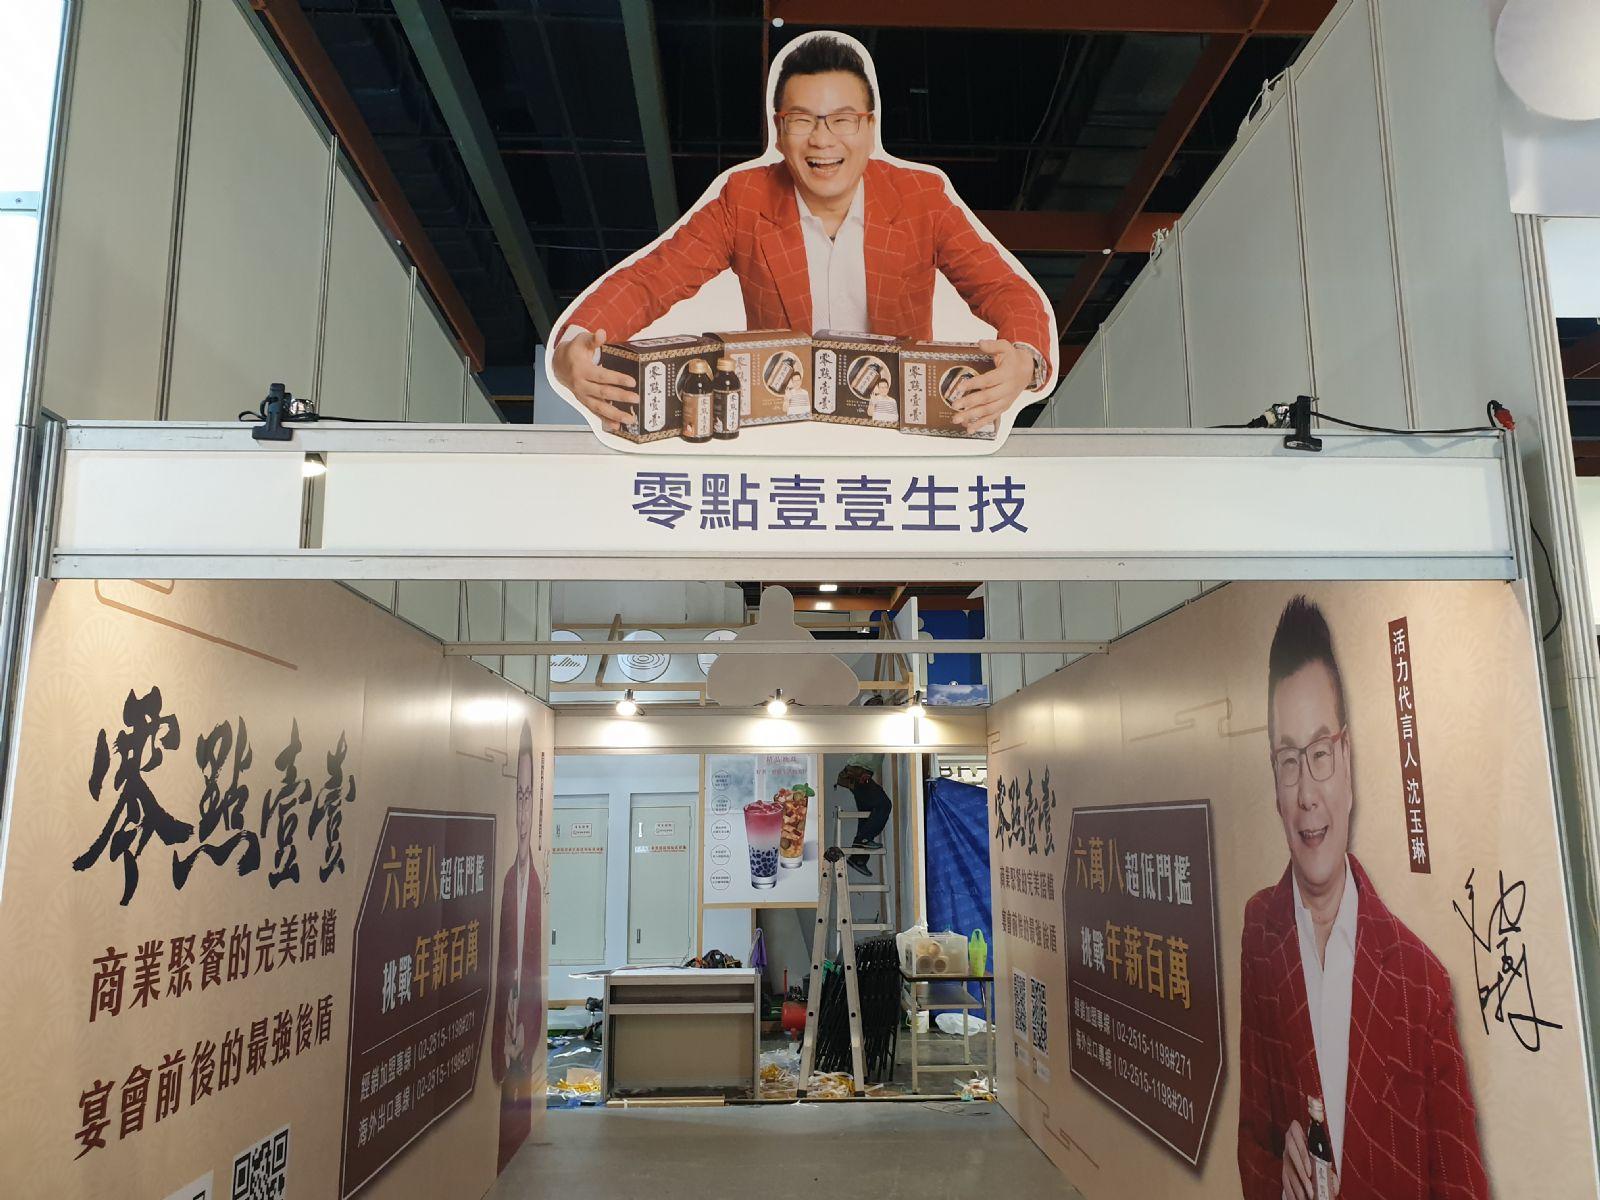 世貿展場專業背板攤位施工推薦廣告家